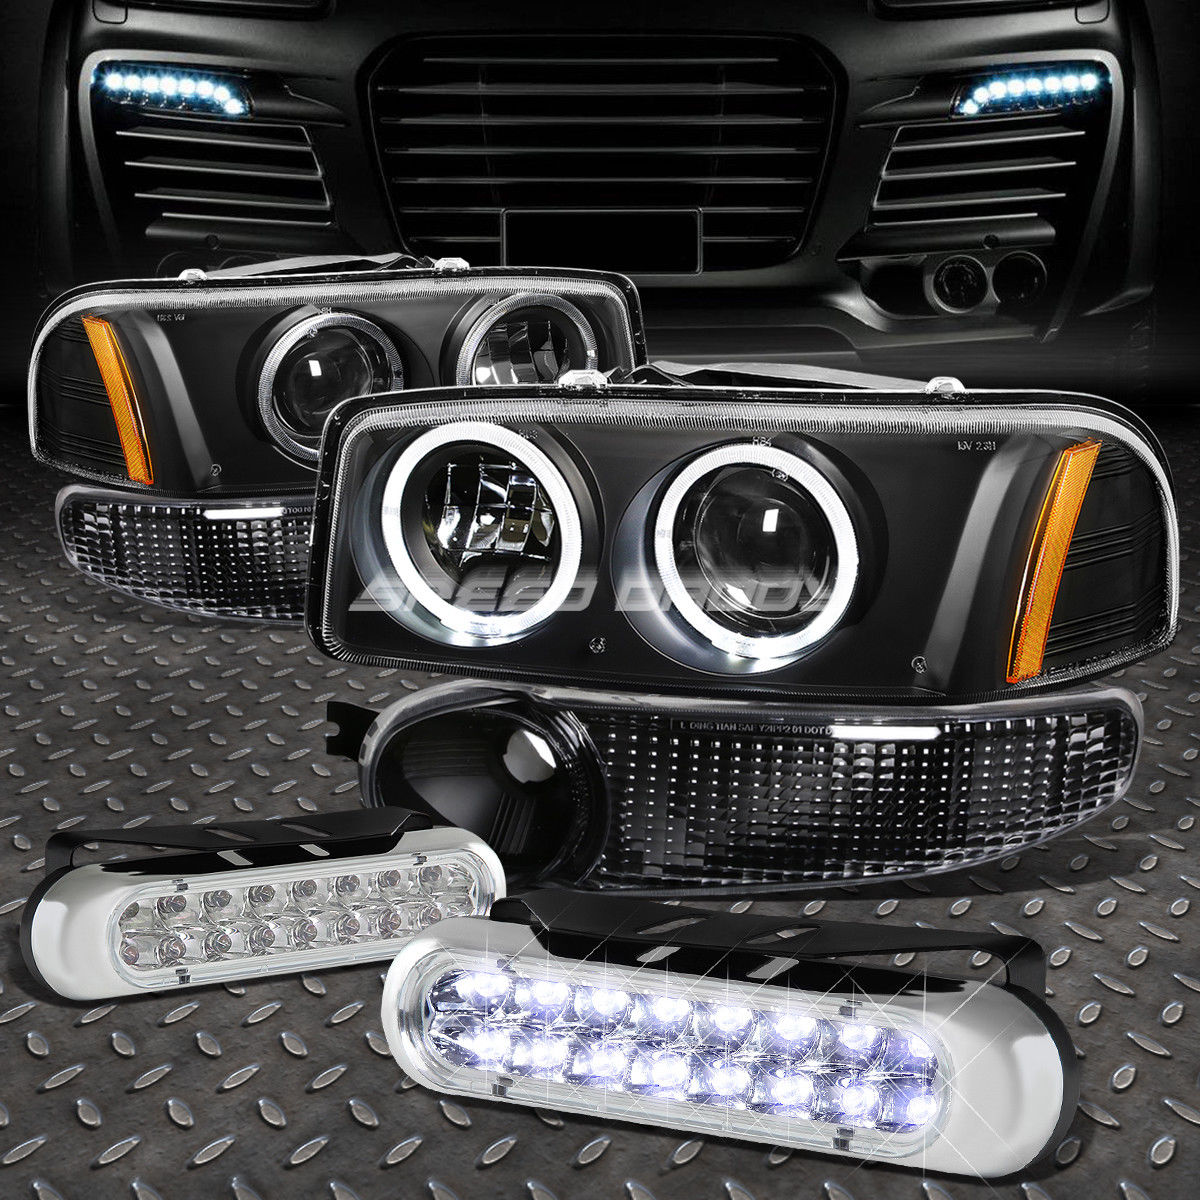 フォグライト BLACK AMBER PROJECTOR HEADLIGHT+16 LED GRILL FOG LIGHT FOR 00-07 SIERRA/YUKON ブラックアンバープロジェクターヘッドライト+ 00-07シエラ/ユコノン用LEDグリルフォグライト16